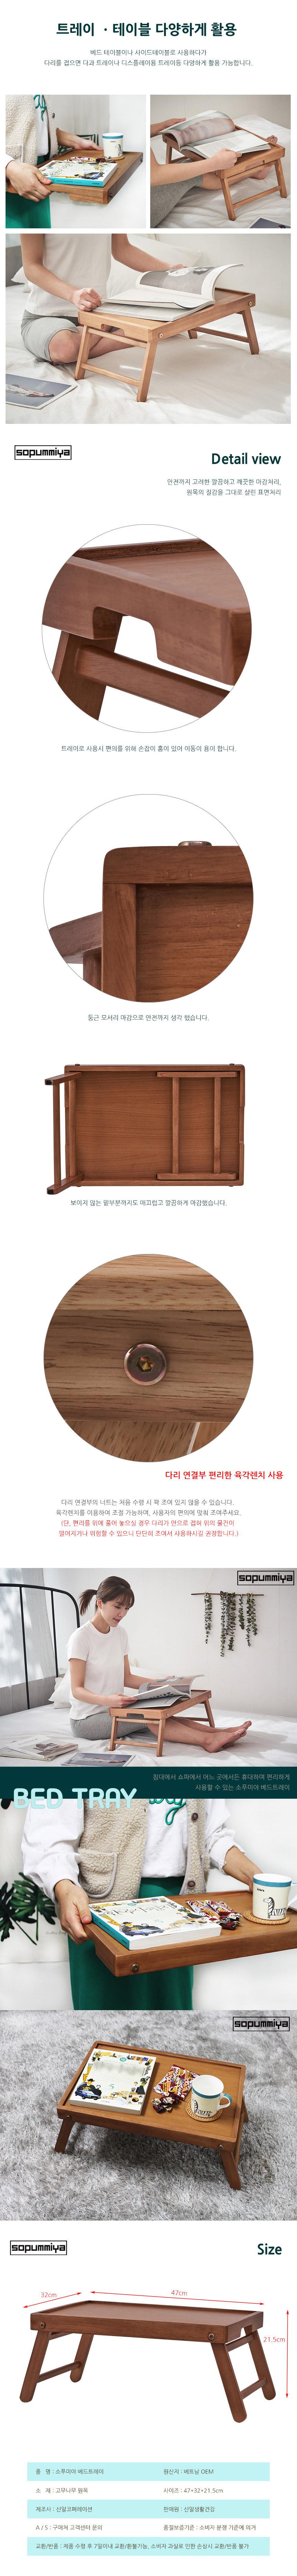 원목 좌식 테이블 포터블 우드 베드 트레이 - 주식회사 진주, 19,800원, 미니 테이블, 노트북 테이블